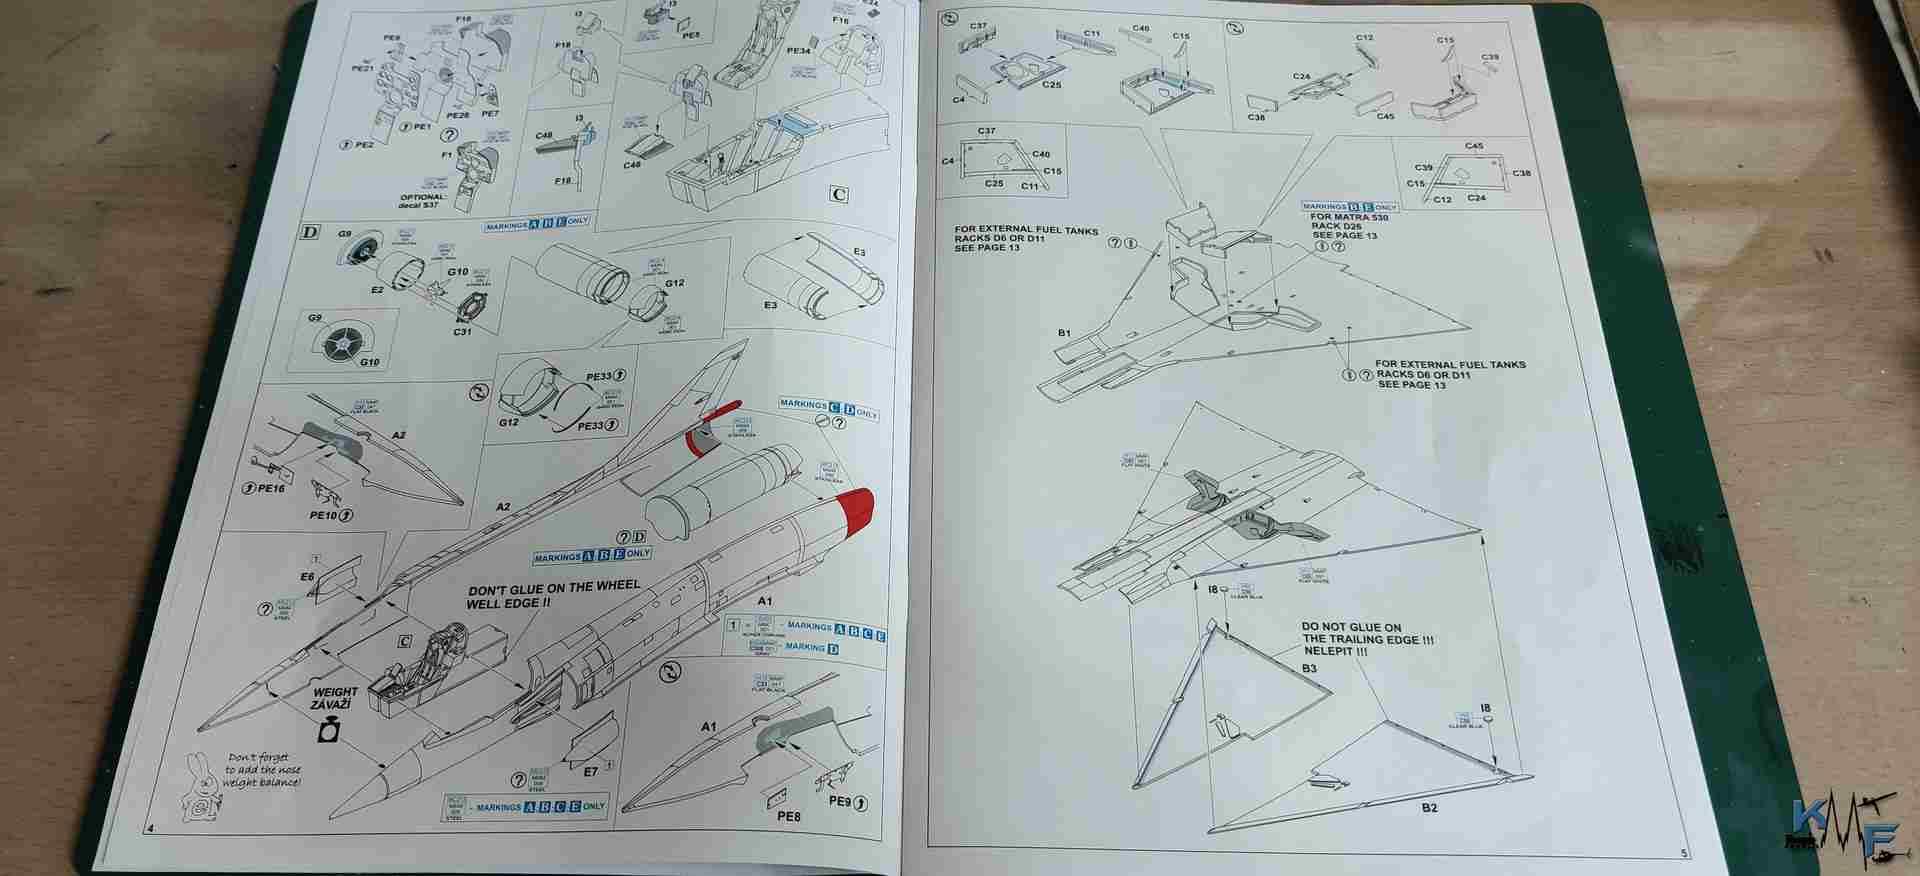 BV-EDU-MIRAGE3_04.jpg